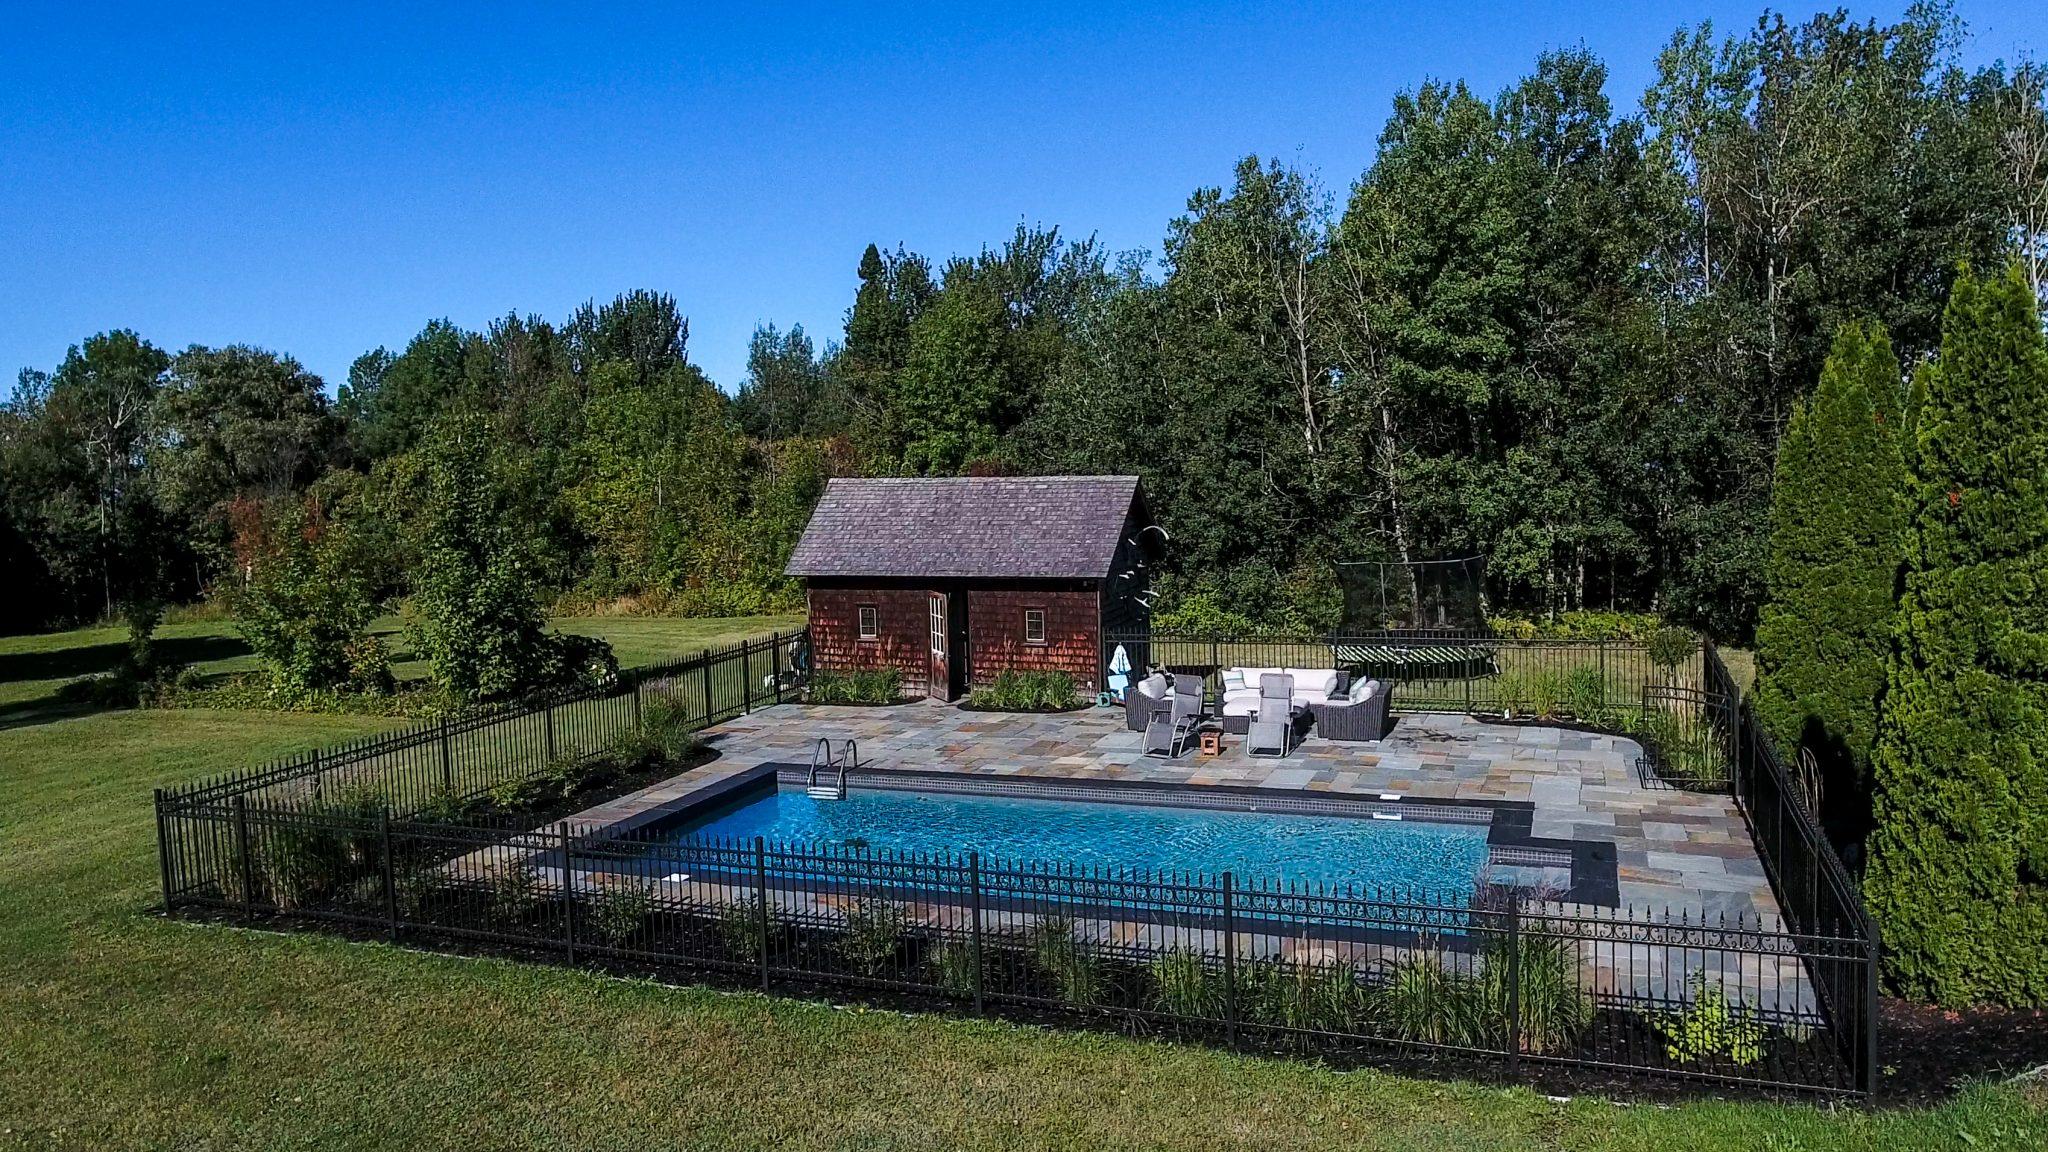 Résidentiel – Tour de piscine